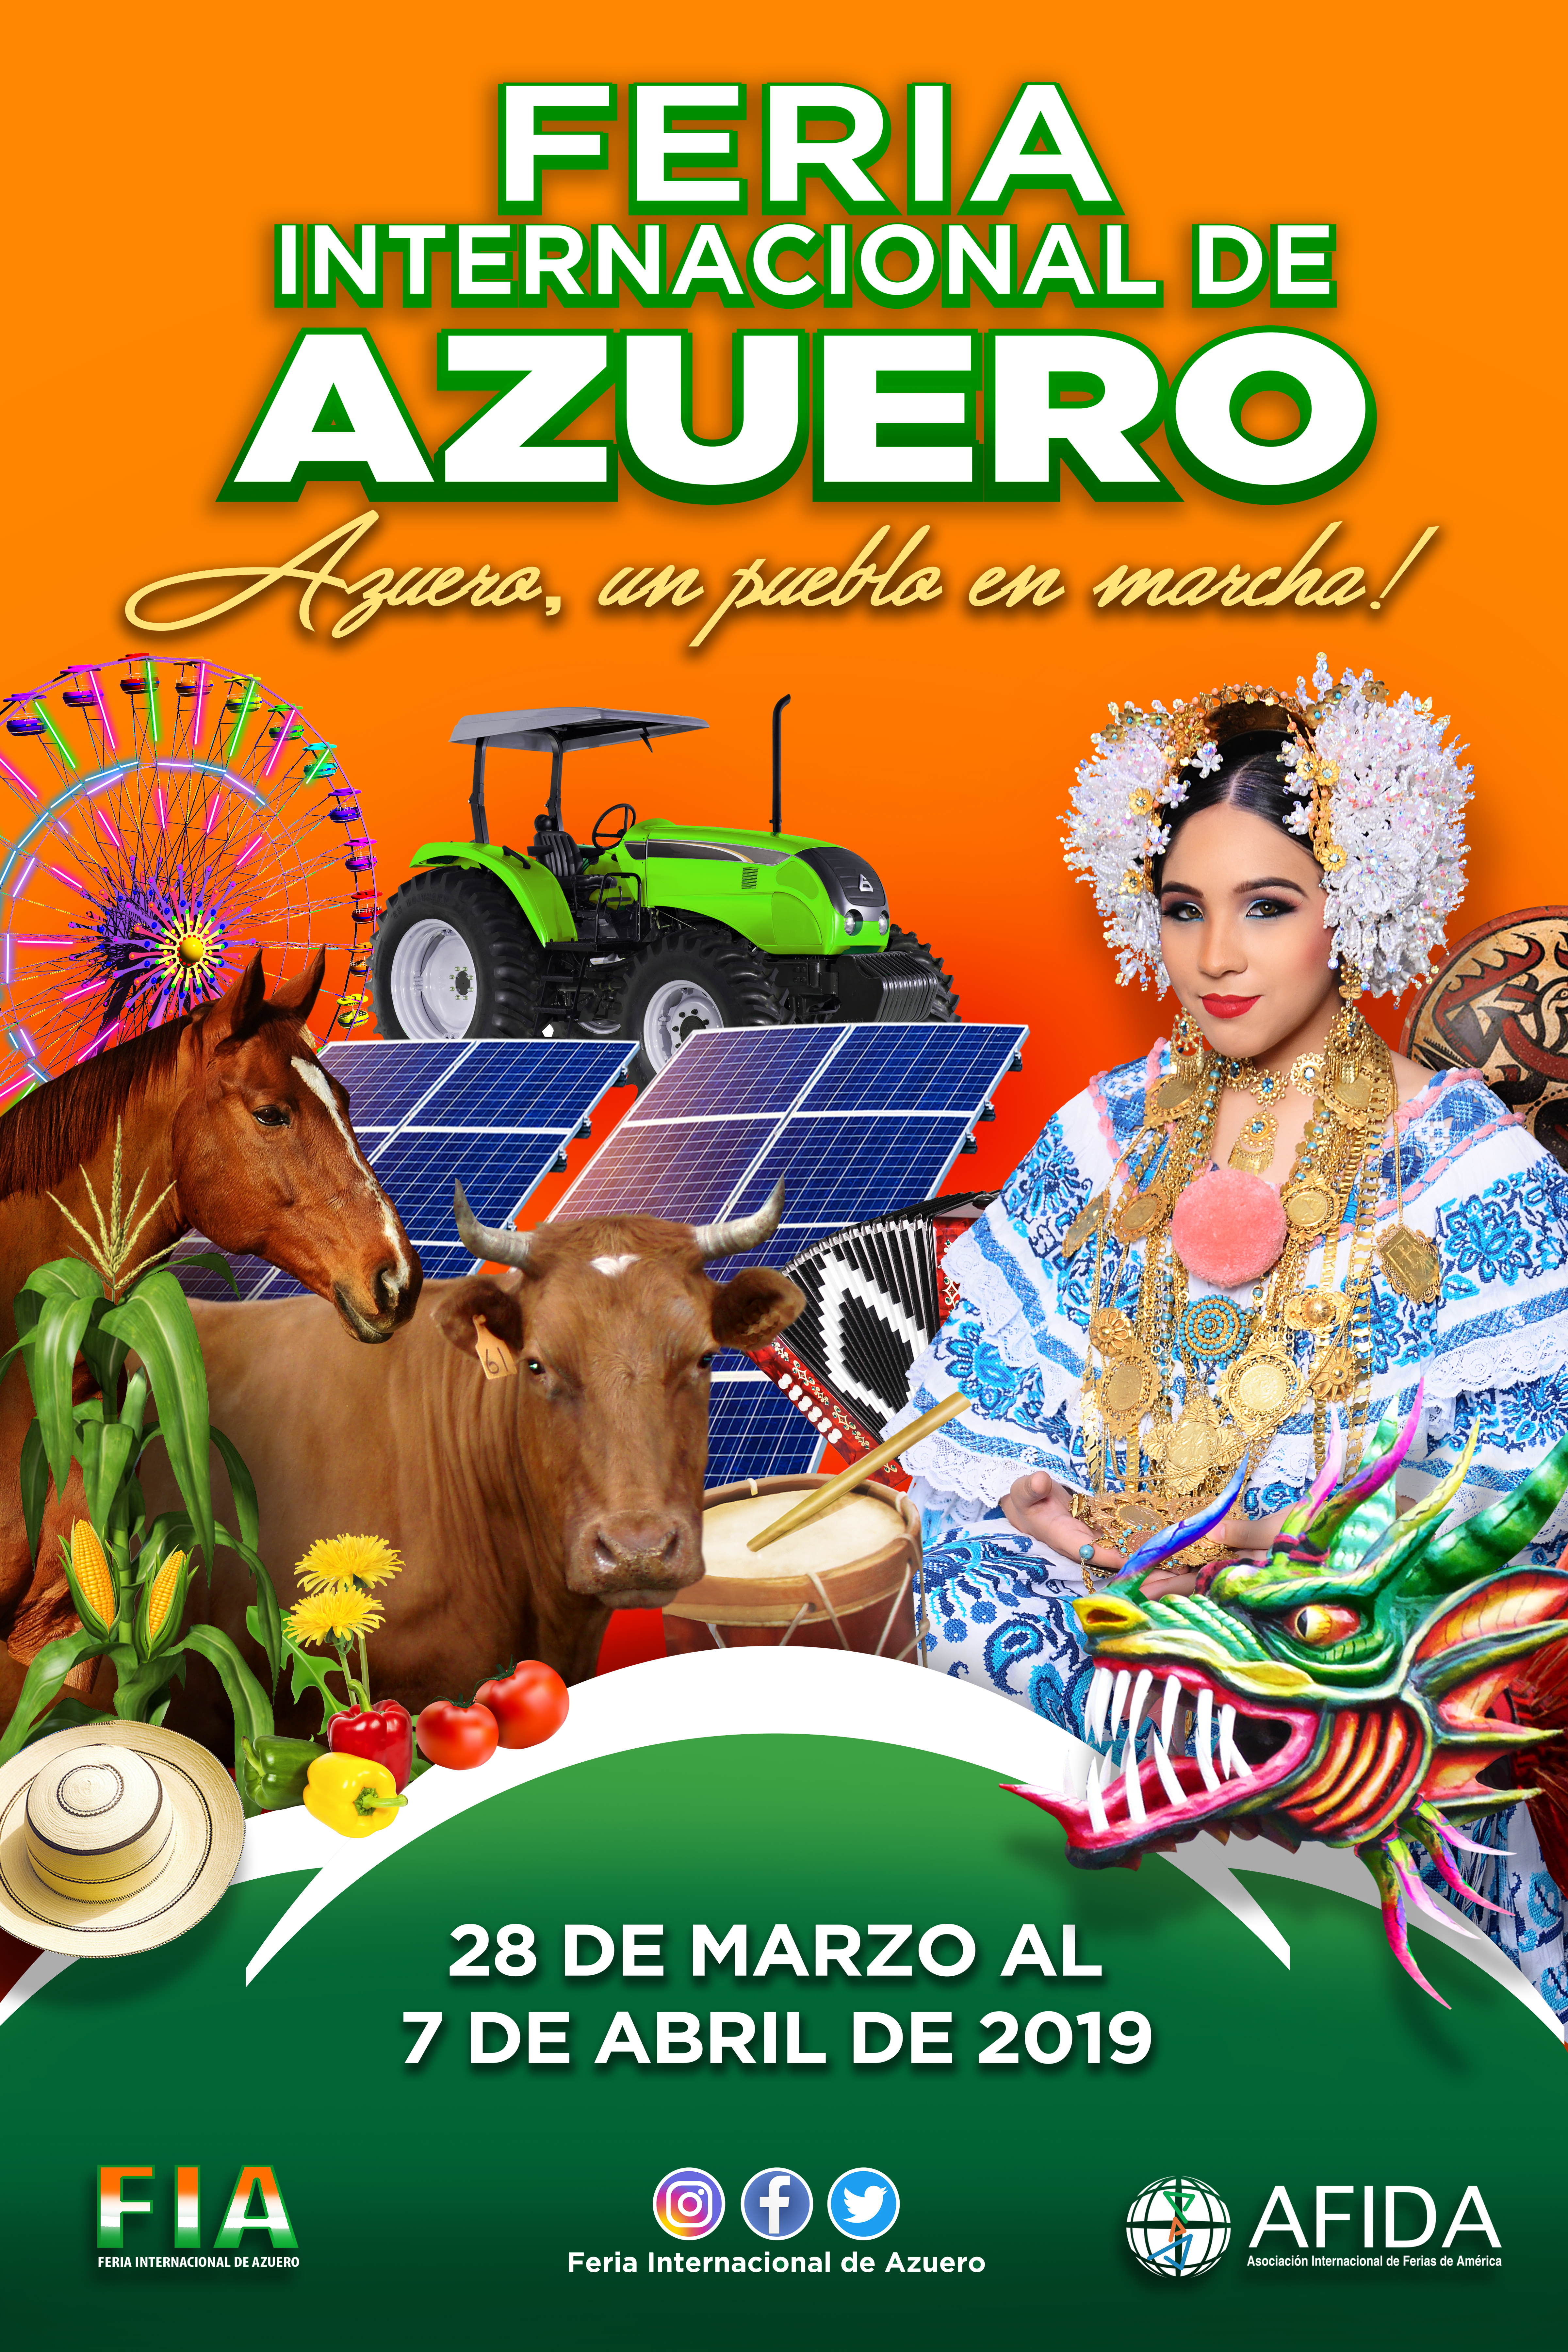 FERIA INTERNACIONAL DE AZUERO AZUERO, UN PUEBLO EN MARCHA